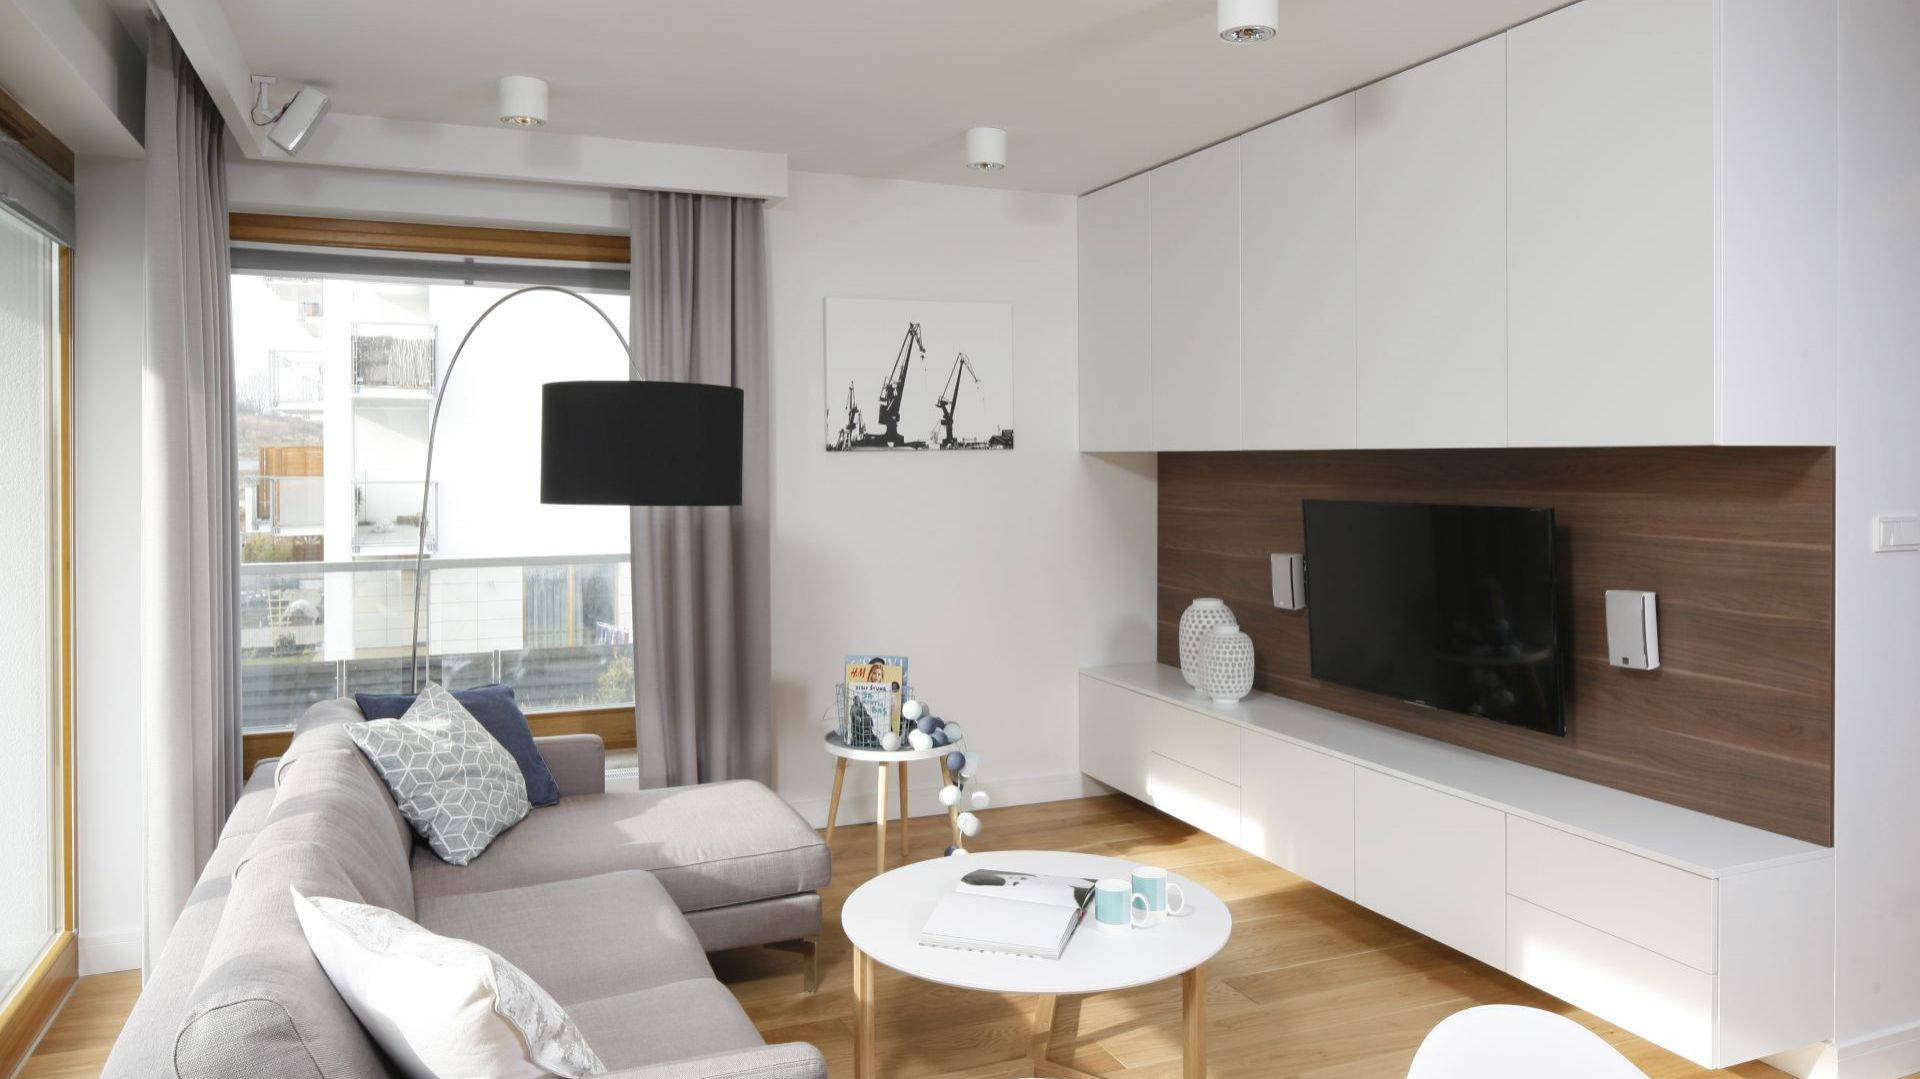 Całą ścianę wokół telewizora zajmu zabudowa wykonana na zamówienie. Szafki na górze i na dole zapewniają sporą powierzchnię na przechowywanie. Projekt: Przemek Kuśmierek. Fot. Bartosz Jarosz